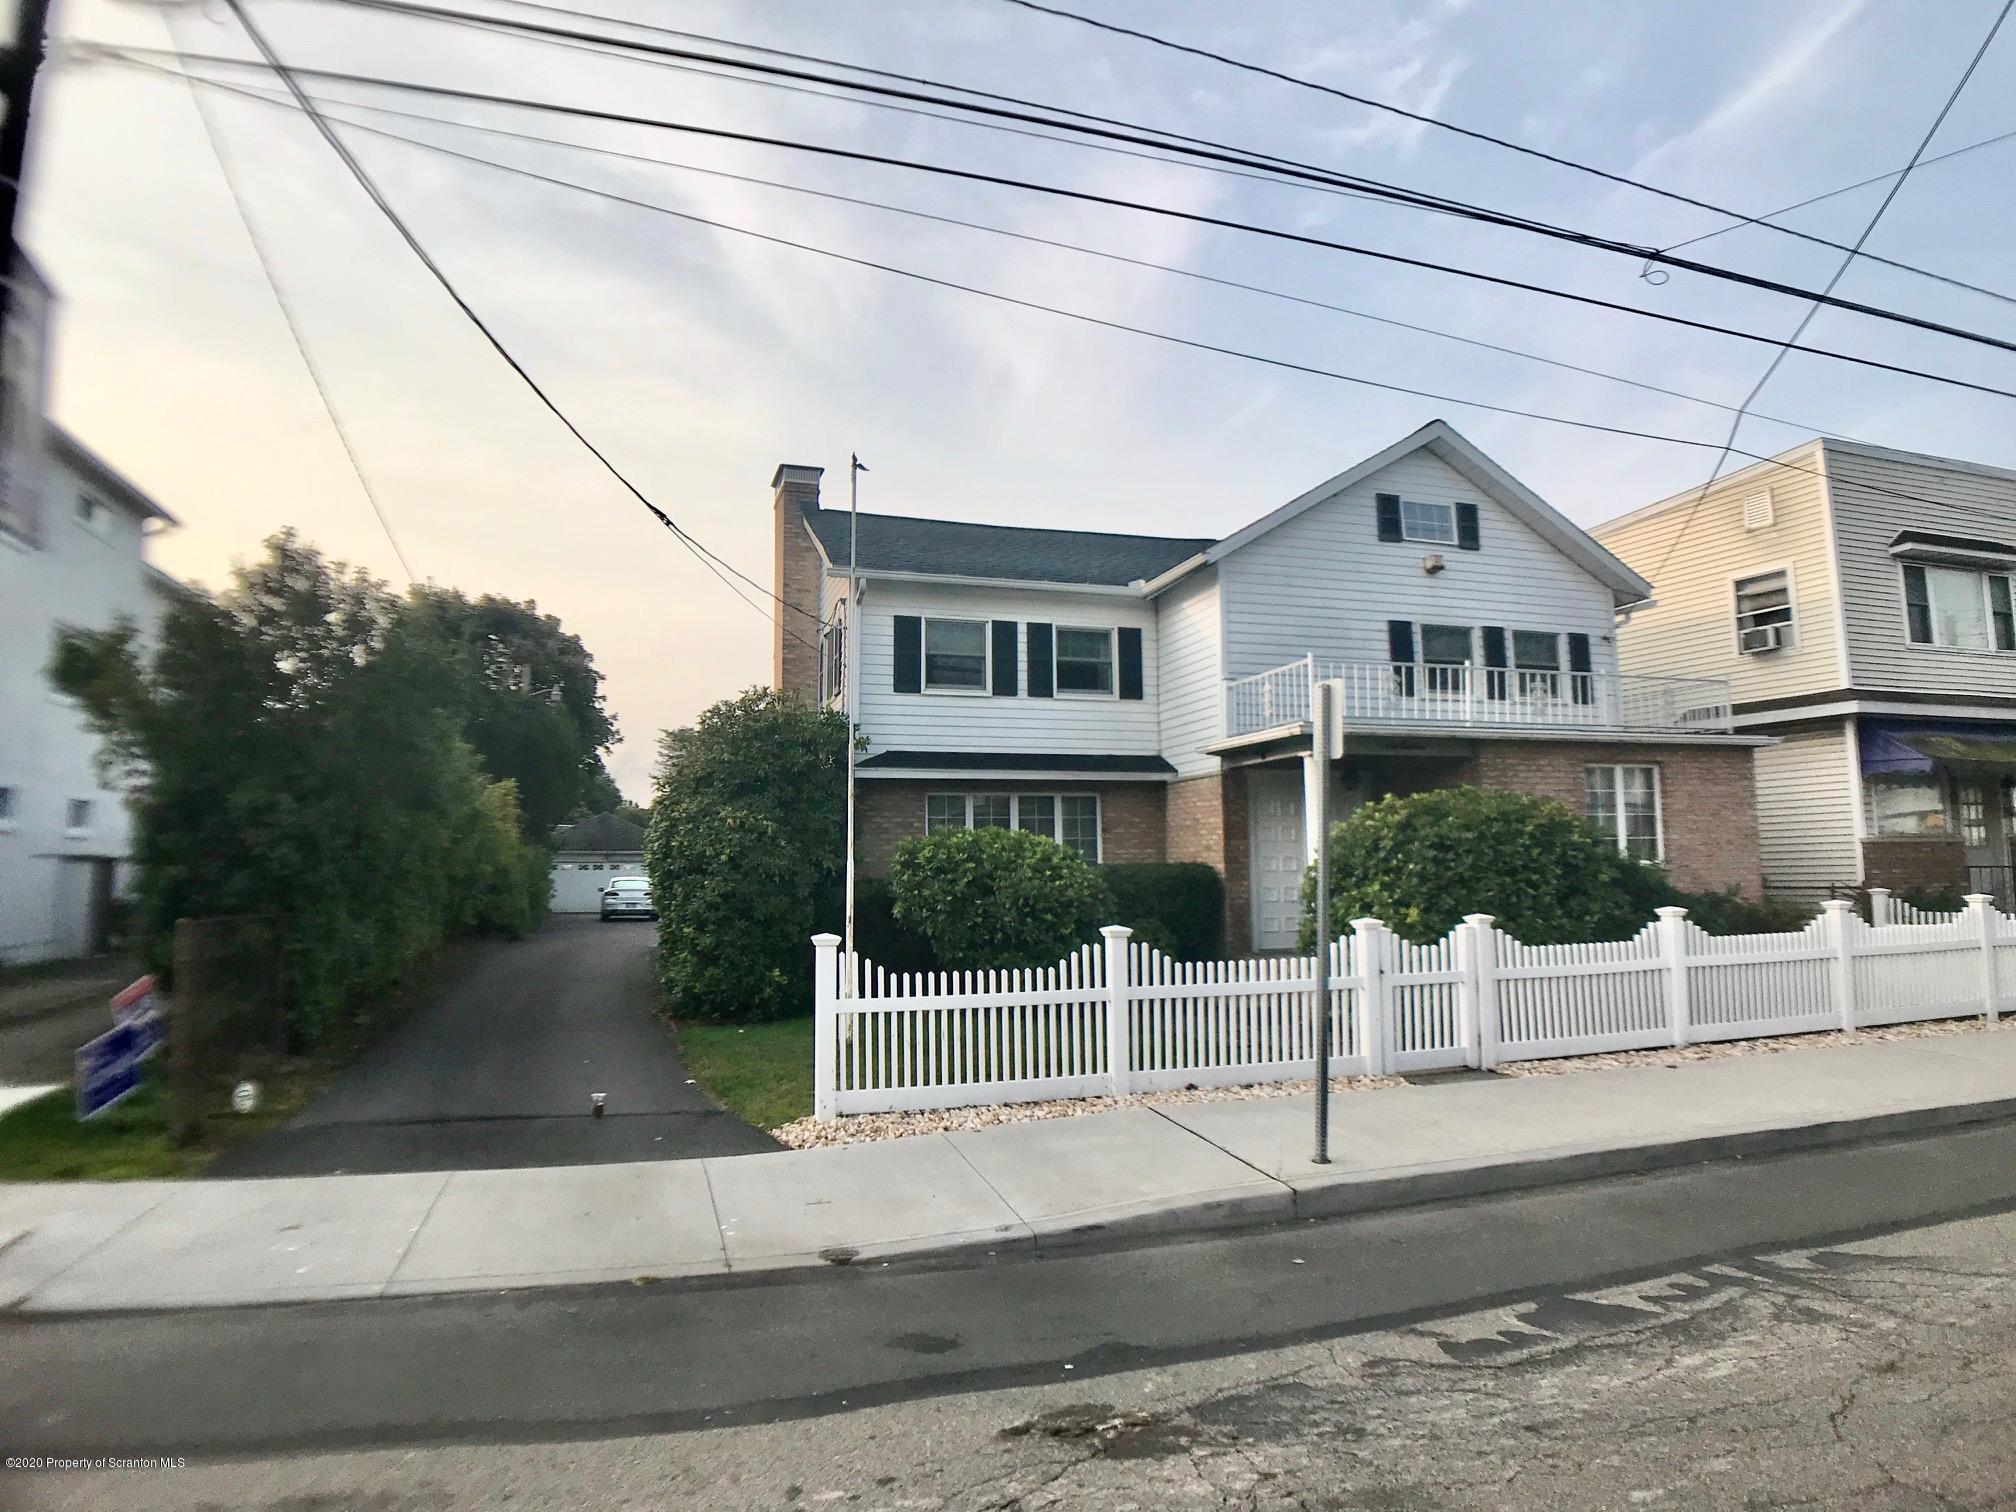 613 Main St, Peckville, Pennsylvania 18452, 3 Bedrooms Bedrooms, 8 Rooms Rooms,2 BathroomsBathrooms,Single Family,For Sale,Main,20-3859